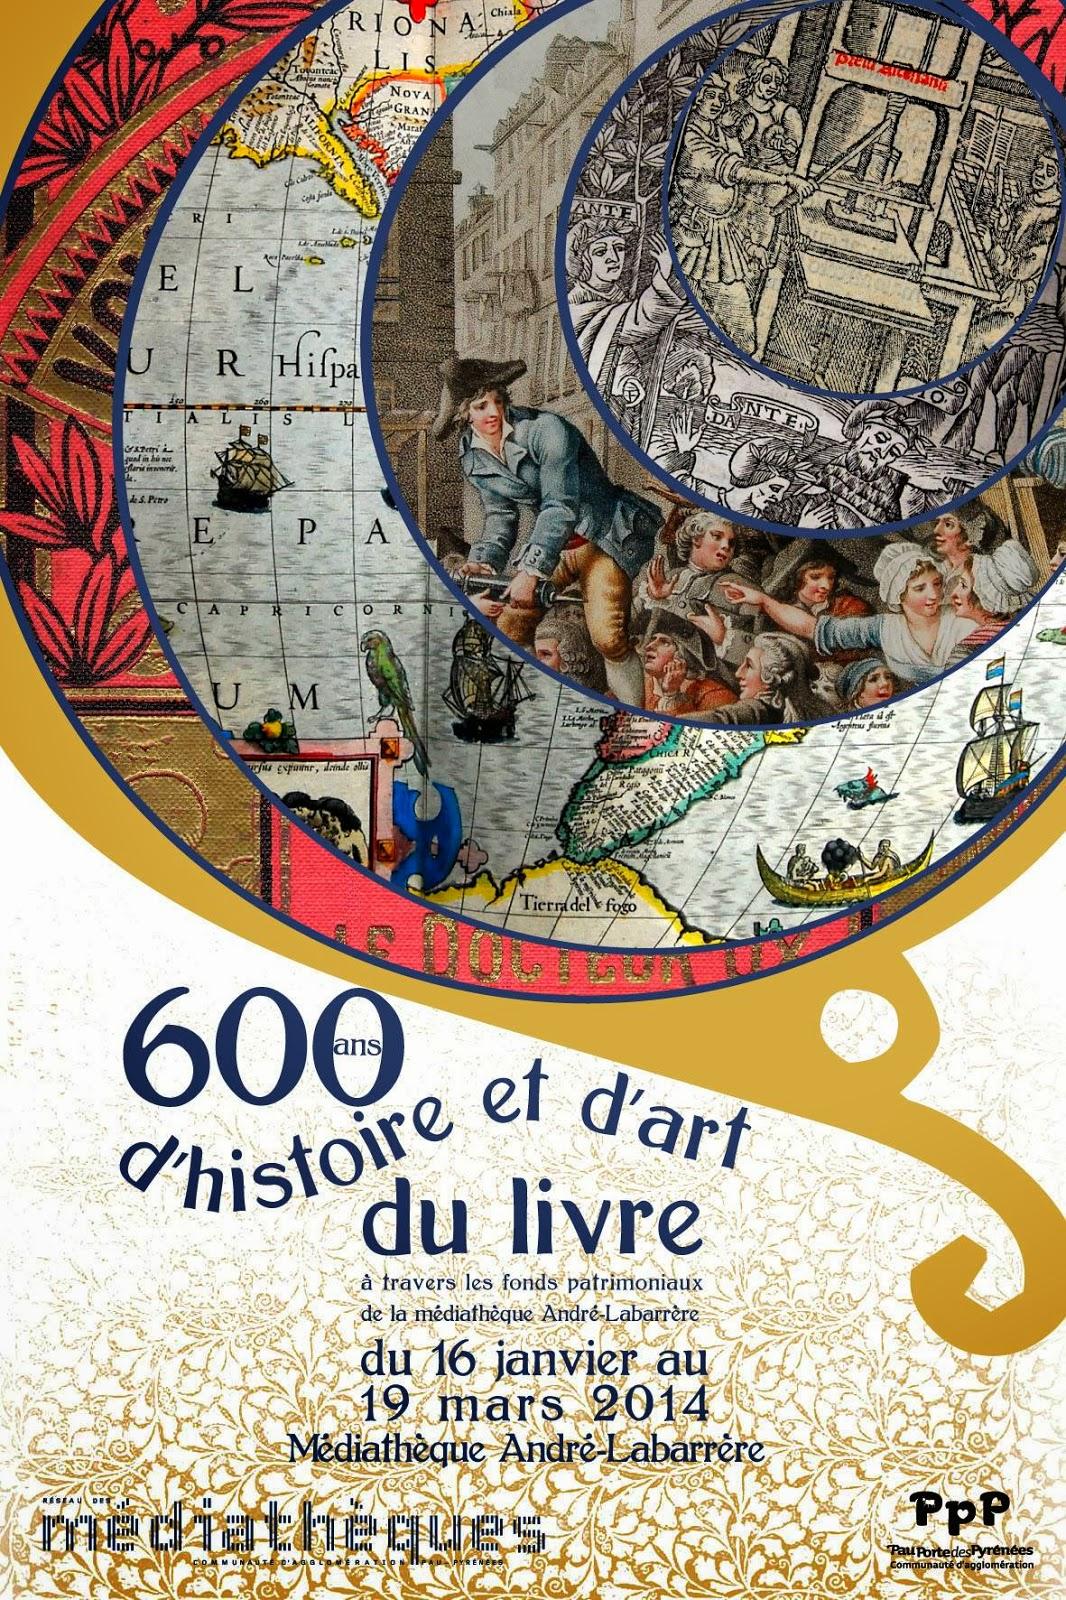 exposition 600 ans d'histoire et d'art du livre à Pau